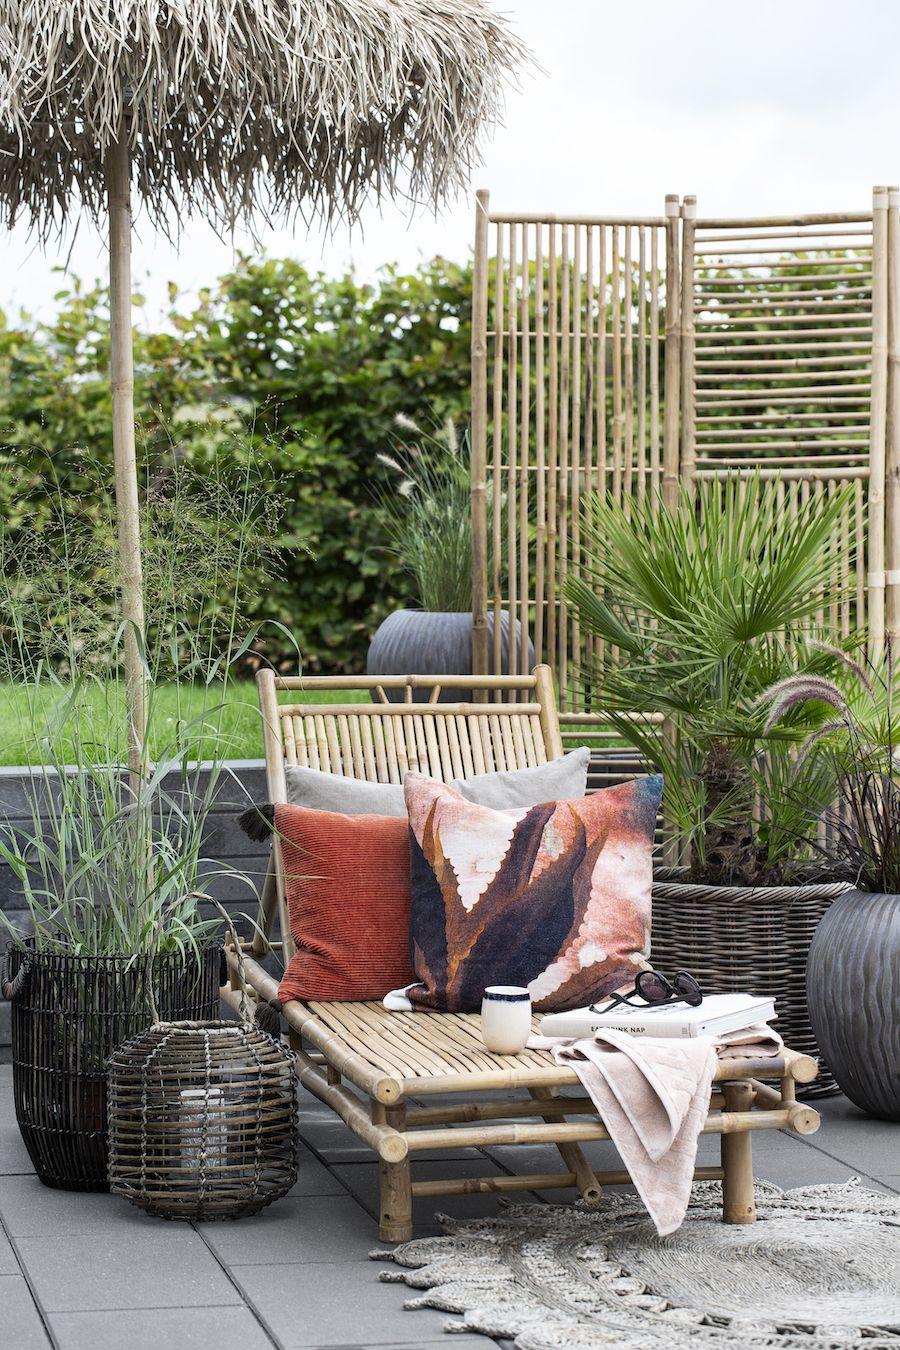 Sonnenschirm Aus Bambus Von Lene Bjerre Wohnen Im Freien